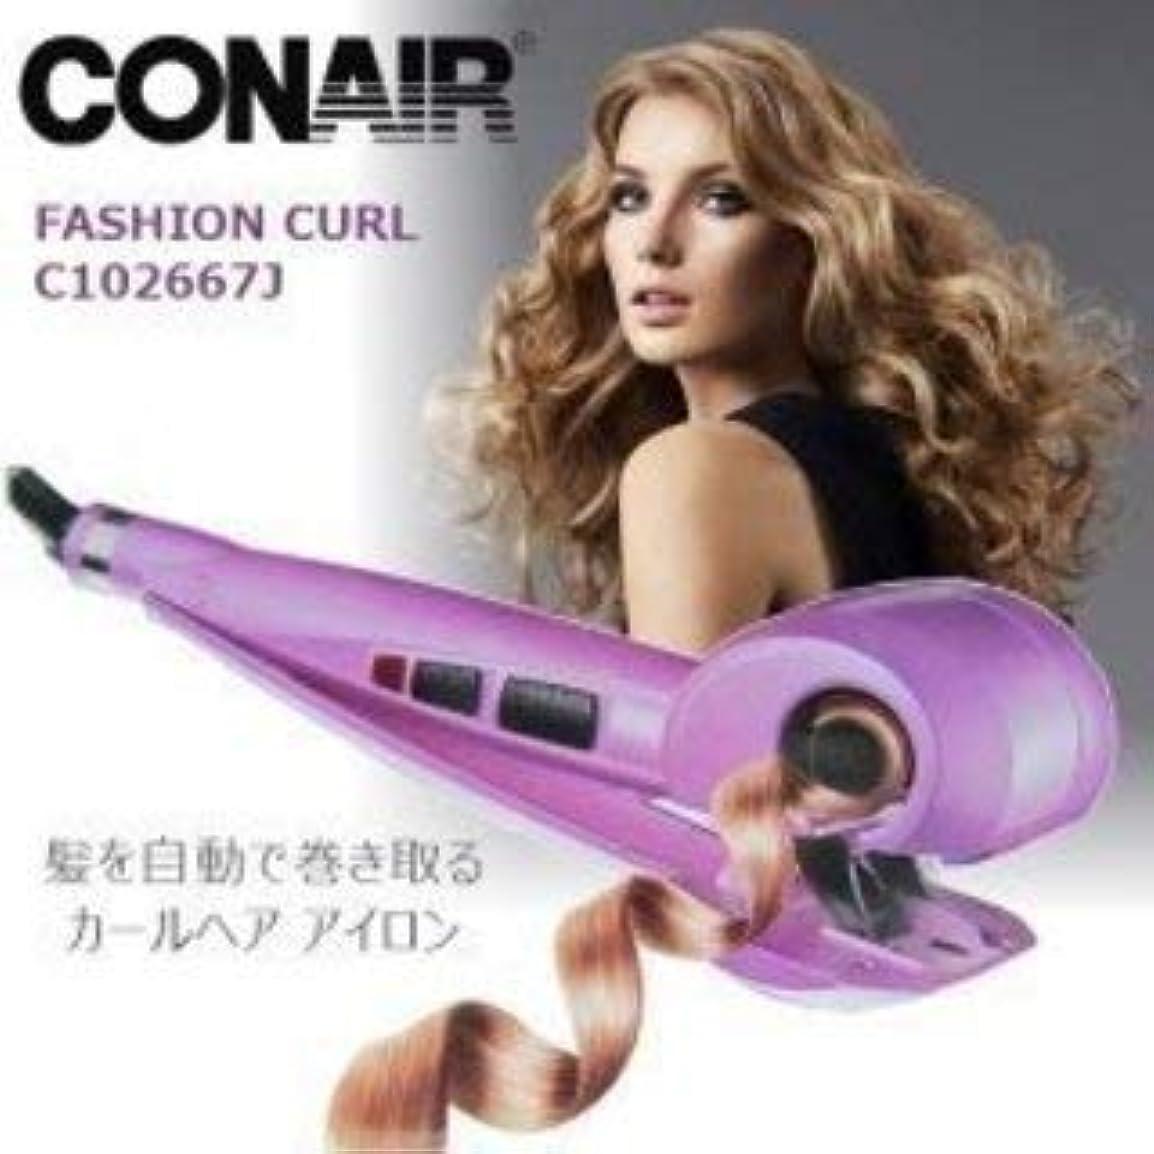 インストラクターラッシュ鎮痛剤CONAIR(コンエアー) ファッション カール C102667J